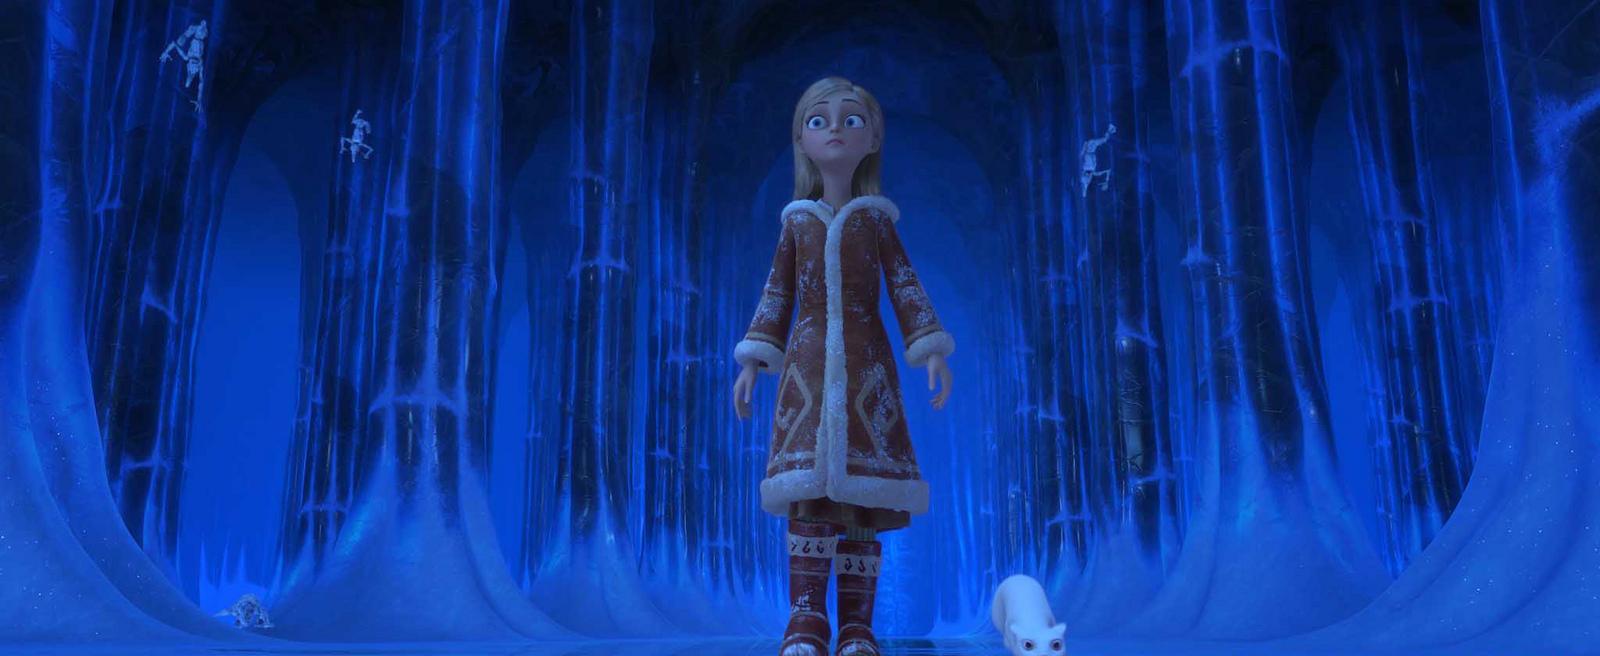 karlar kraliçesi : ateş ve buz